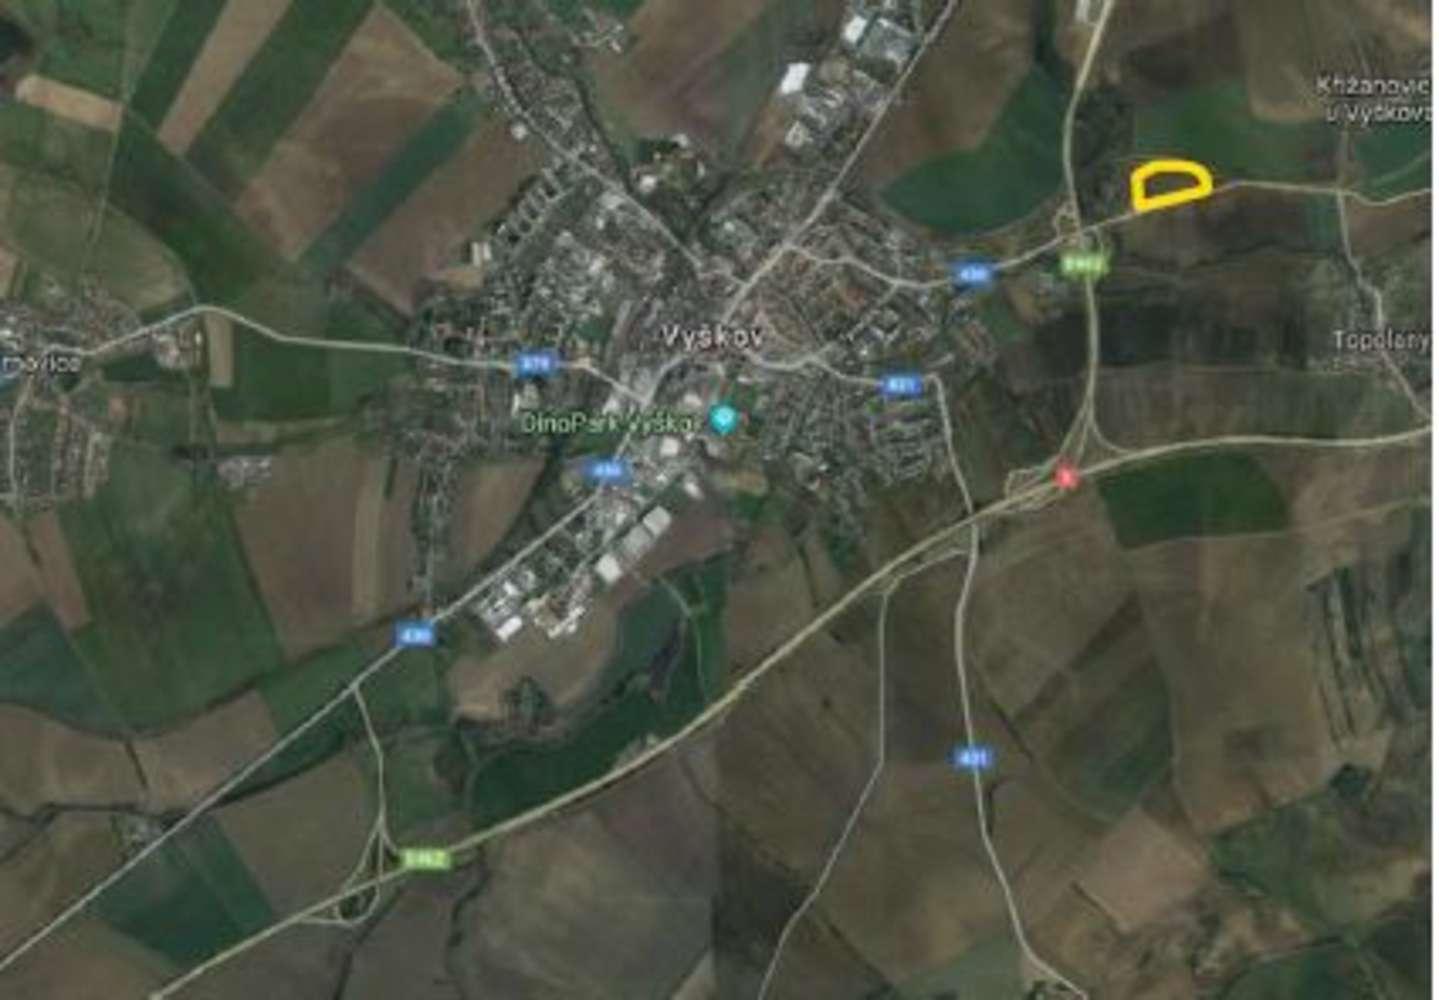 Průmyslové nemovitosti Vyškov, 682 01 - VGP Park Vyškov